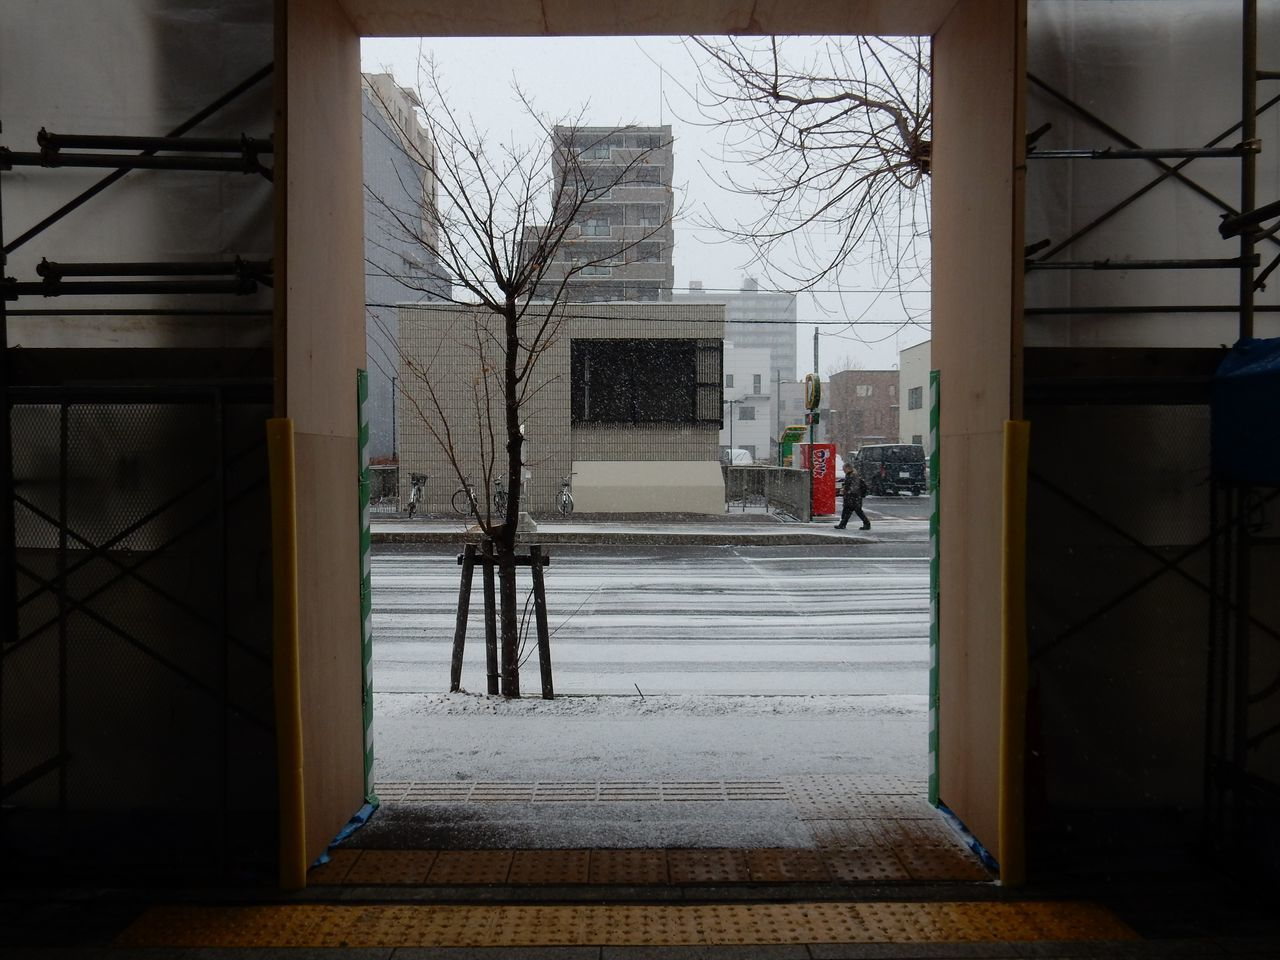 積雪をリセットして新たな降雪_c0025115_21380393.jpg